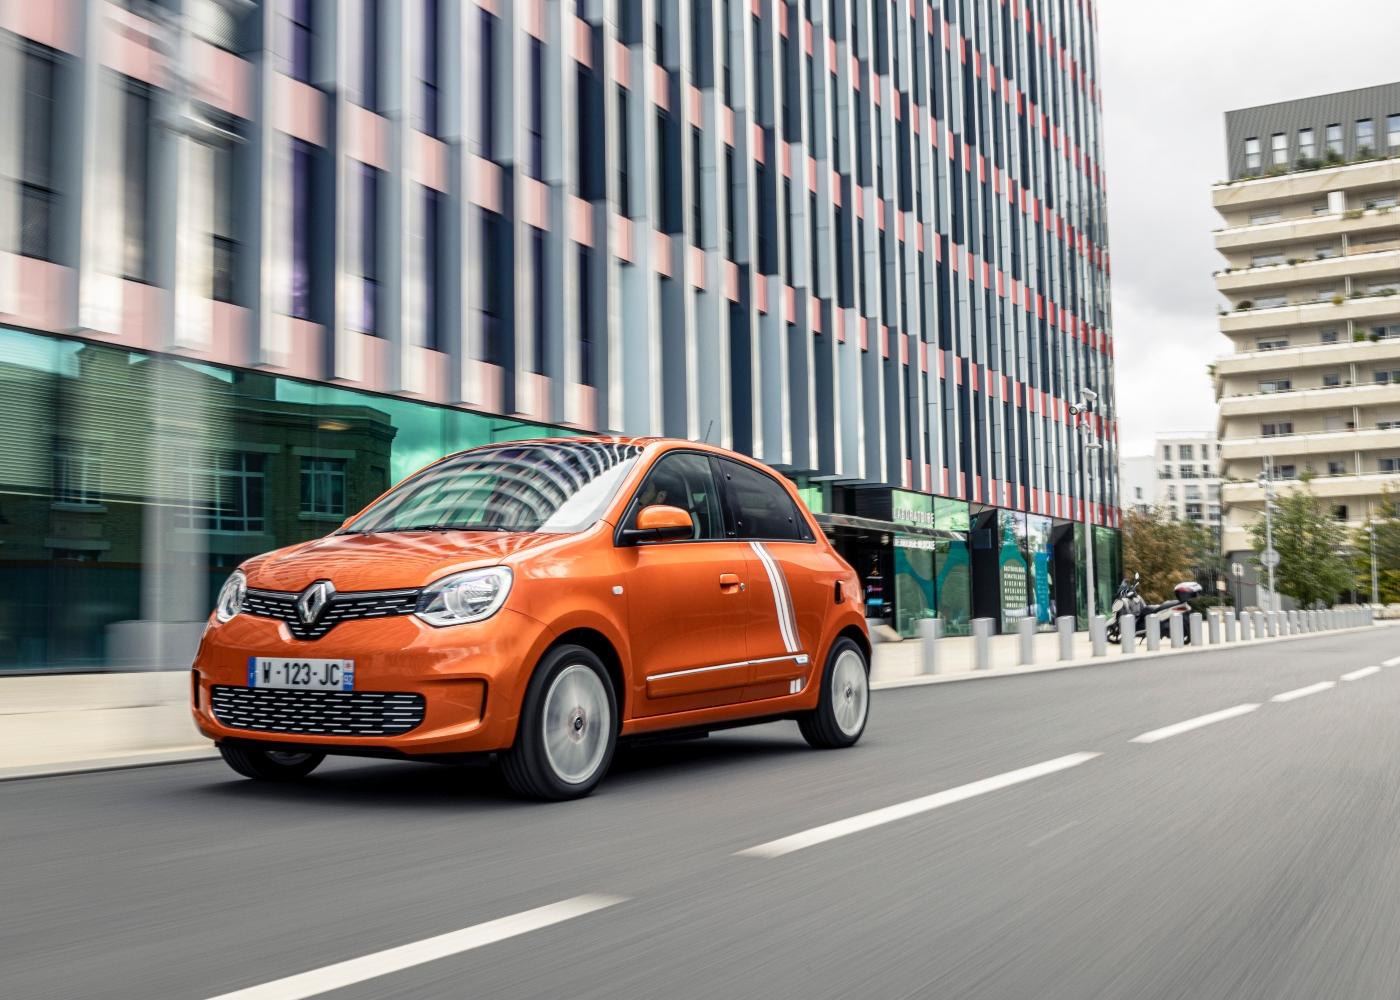 Renault Twingo, um dos carros com menor consumo